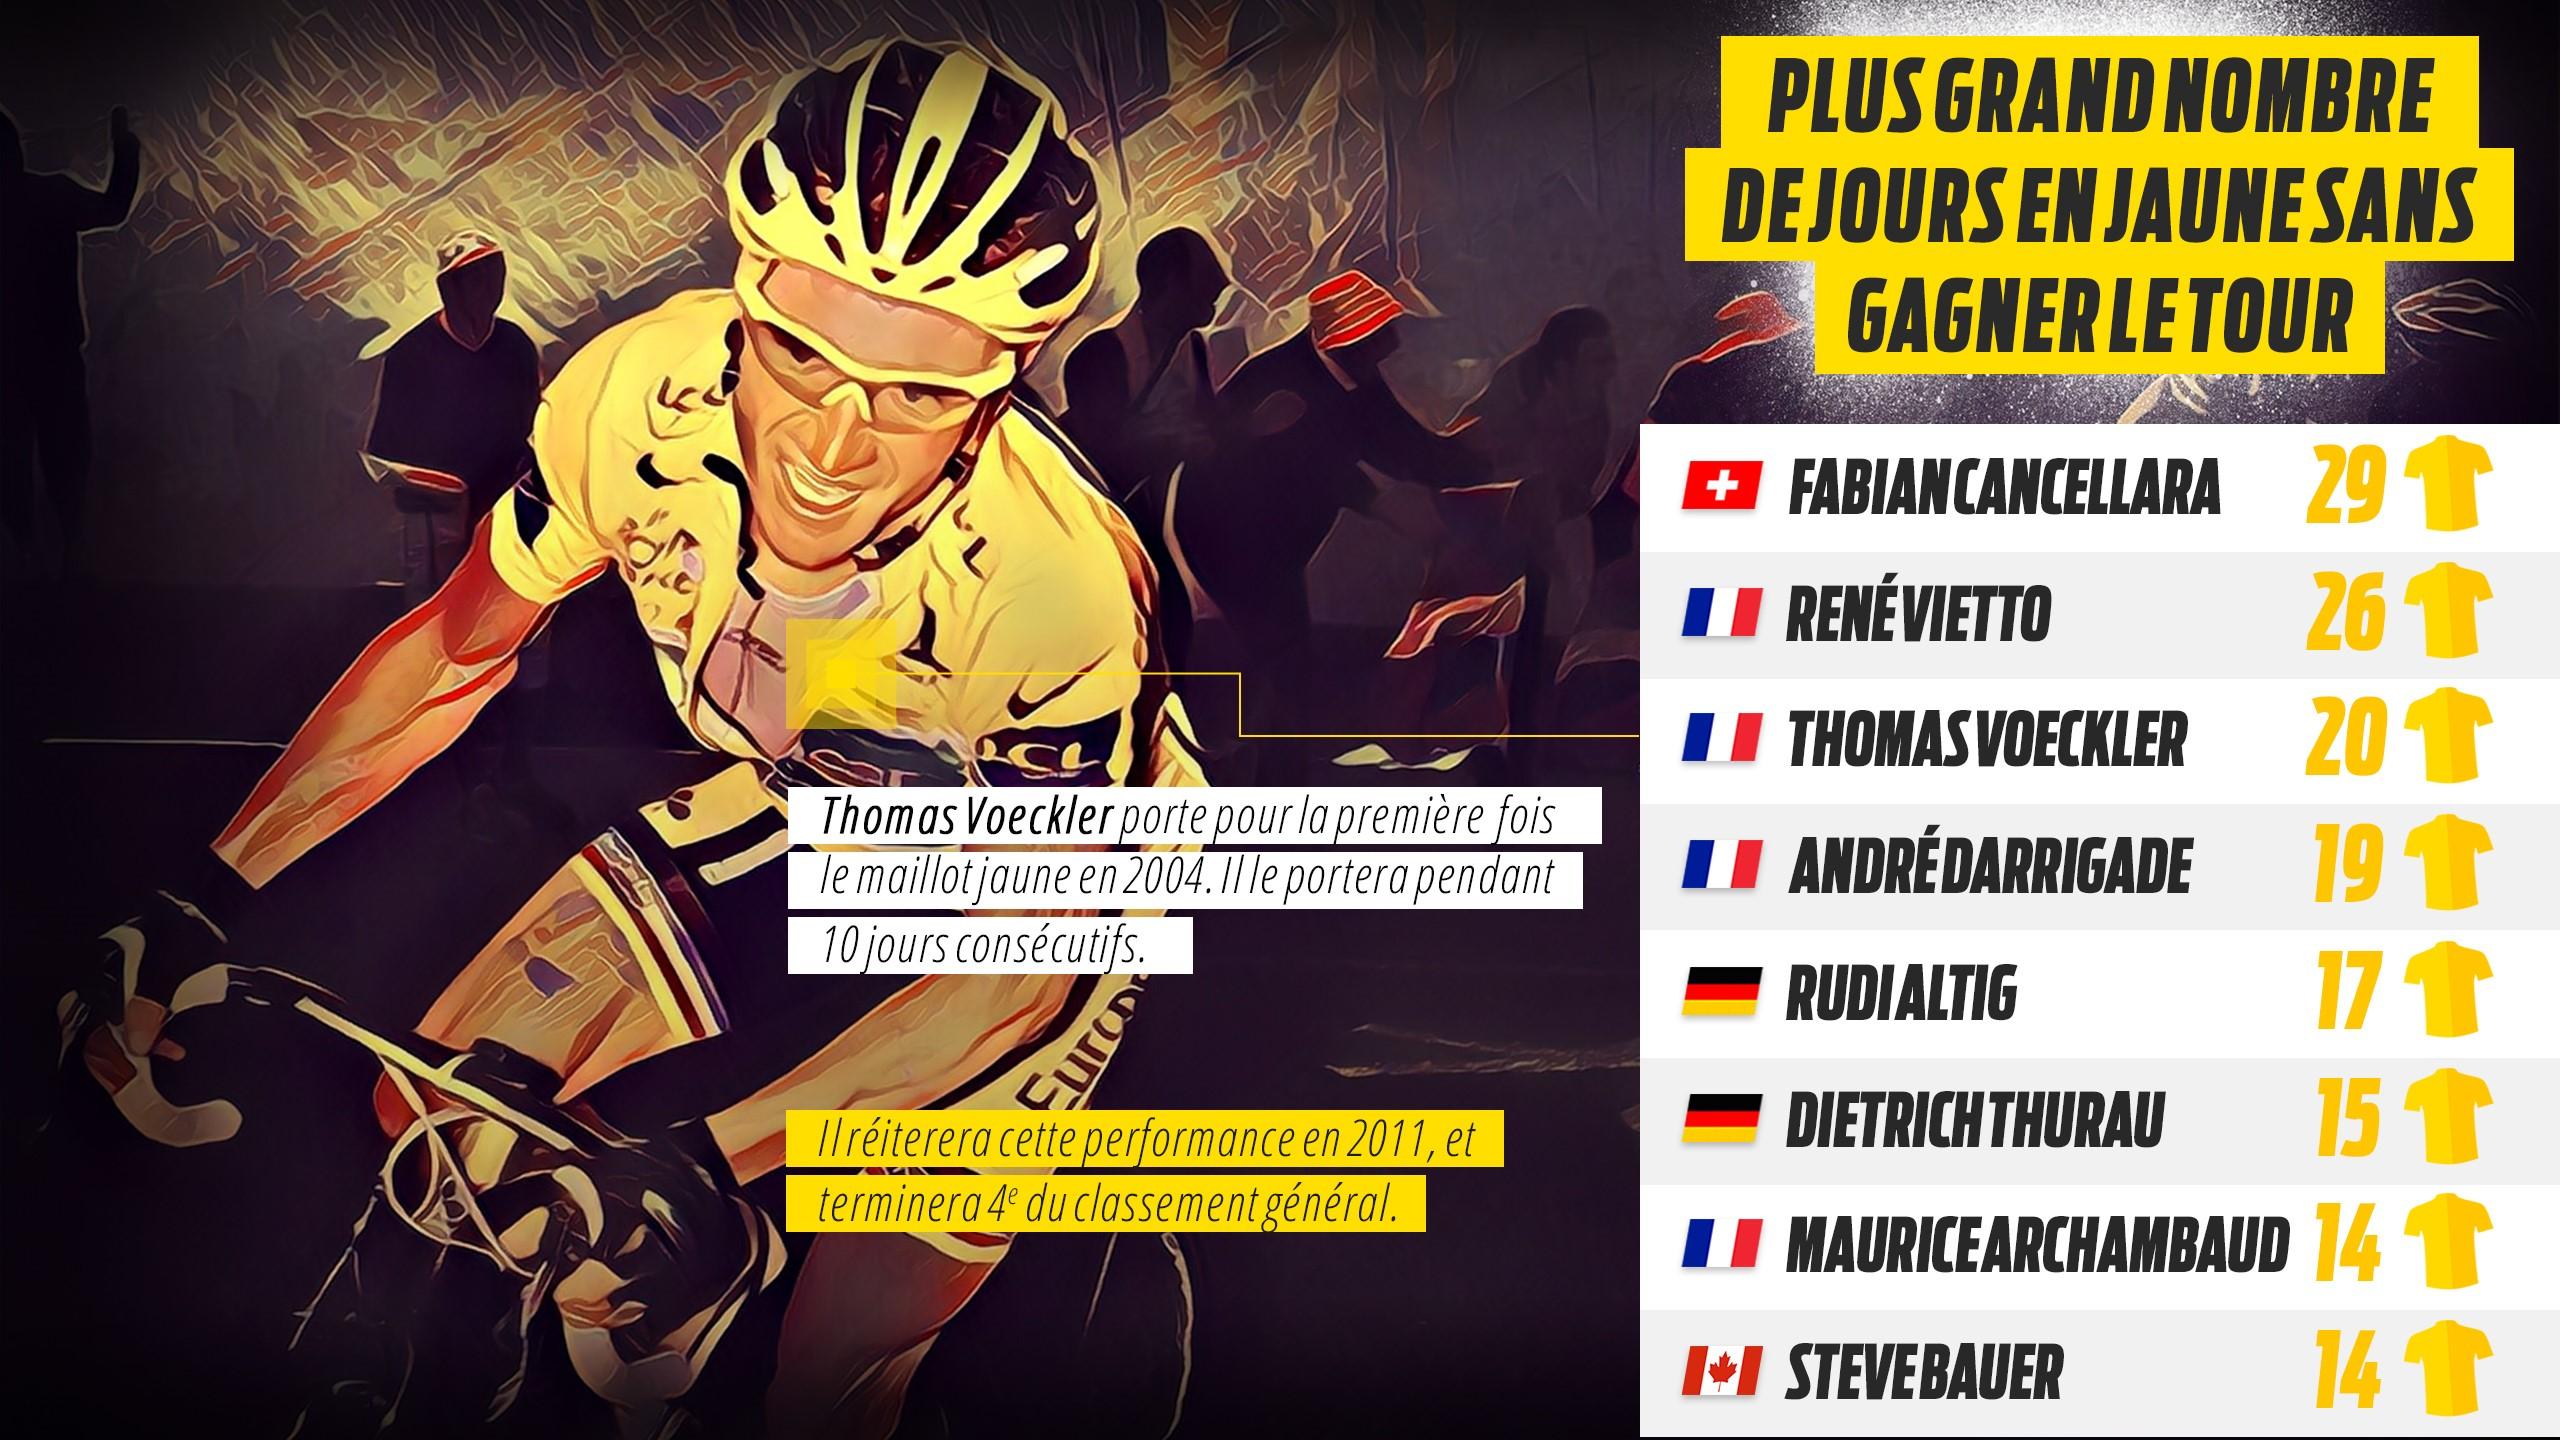 Pas besoin de gagner le Tour pour le marquer profondément. La preuve avec ces hommes. (Infographie par Clovis Museux - Twitter : @Sivolc)